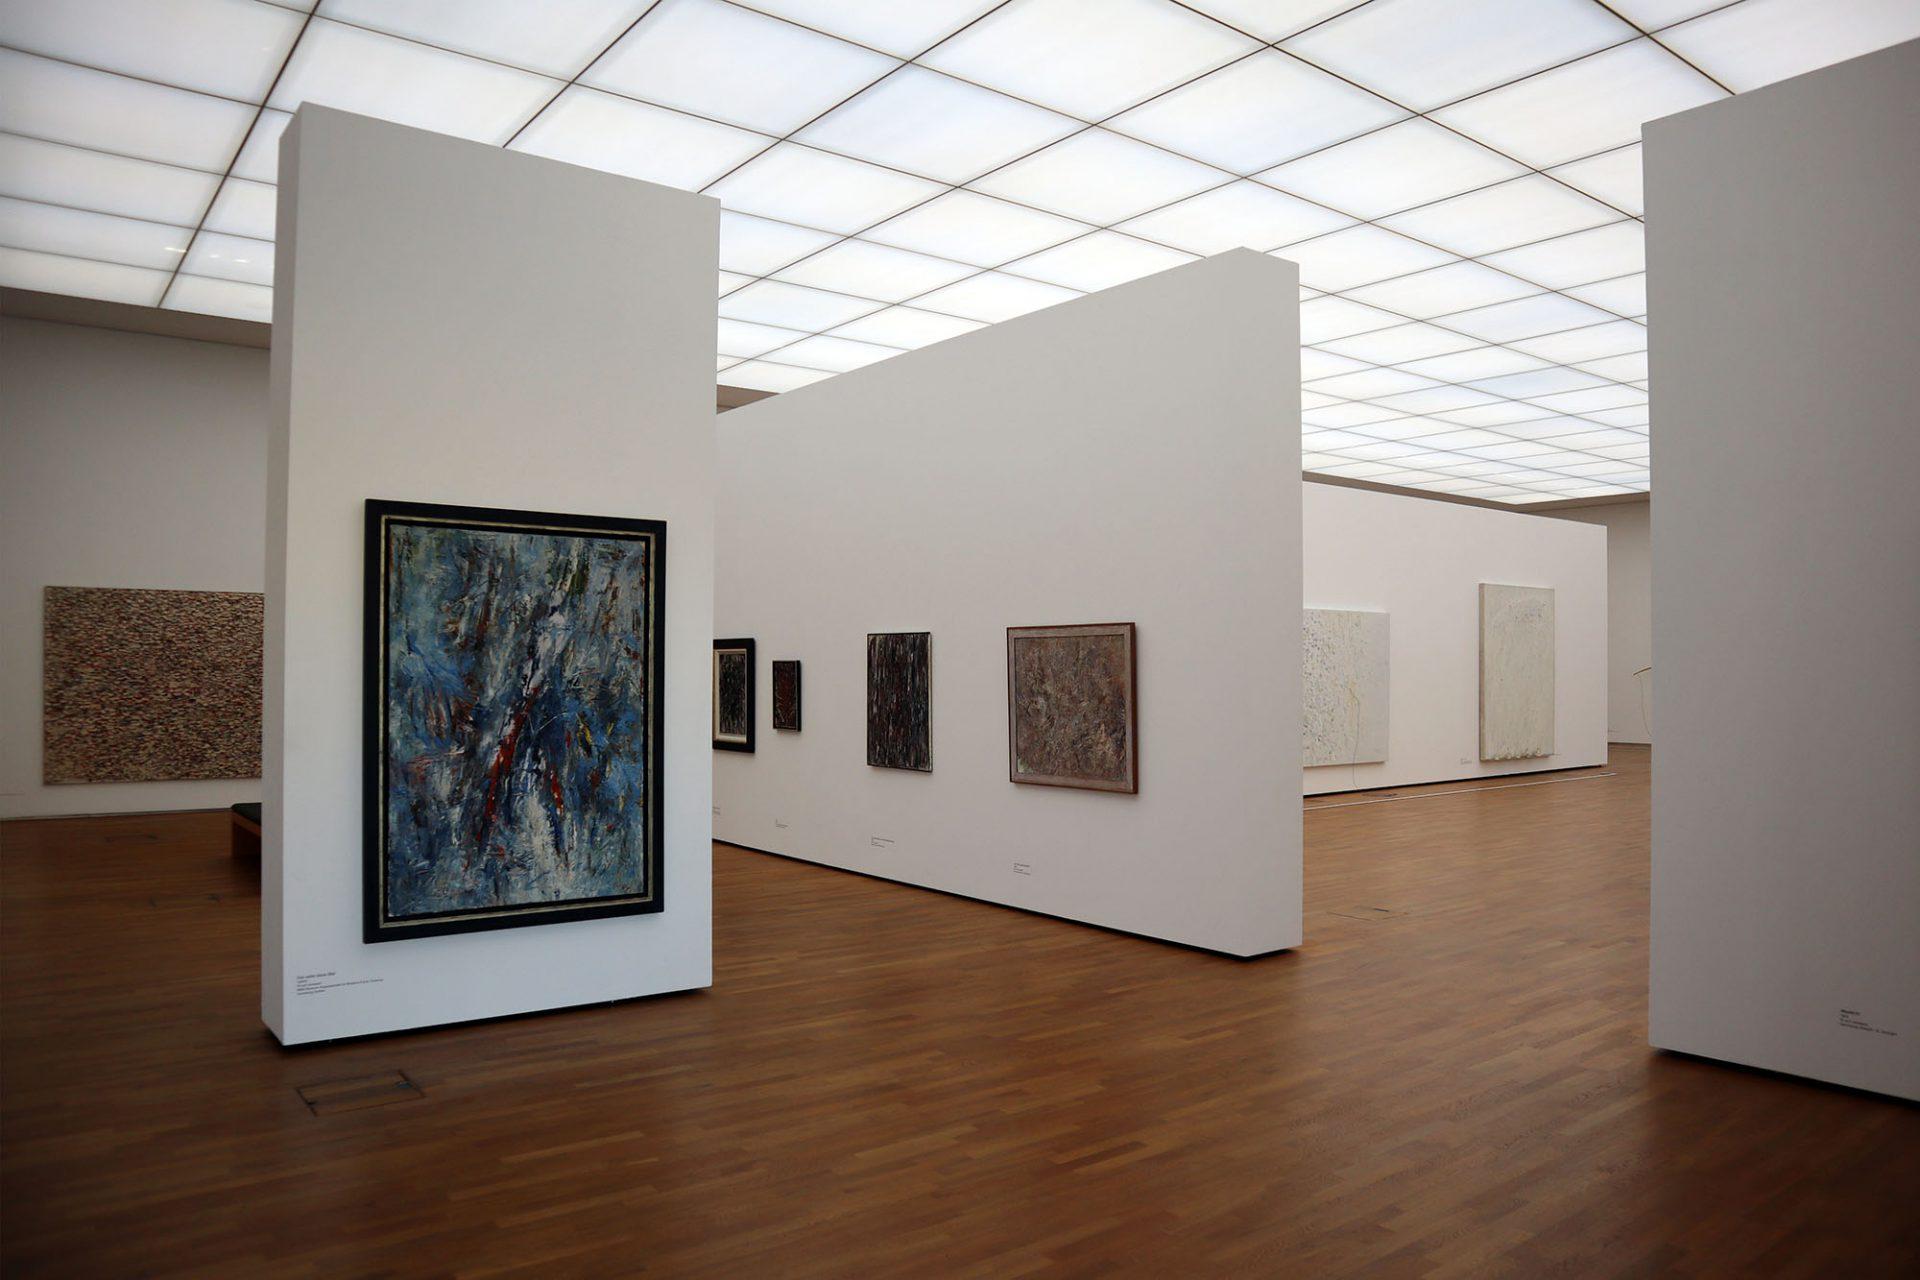 Emil Schumacher Museum. Der Saal in der zweiten Etage ist vollständig mit einer Lichtdecke überfangen, der Schumachers großformatige Arbeiten auf Leinwand und Holz aufnimmt. Hier werden in wechselnden Ausstellungen sämtliche Aspekte seines Werkes beleuchtet.